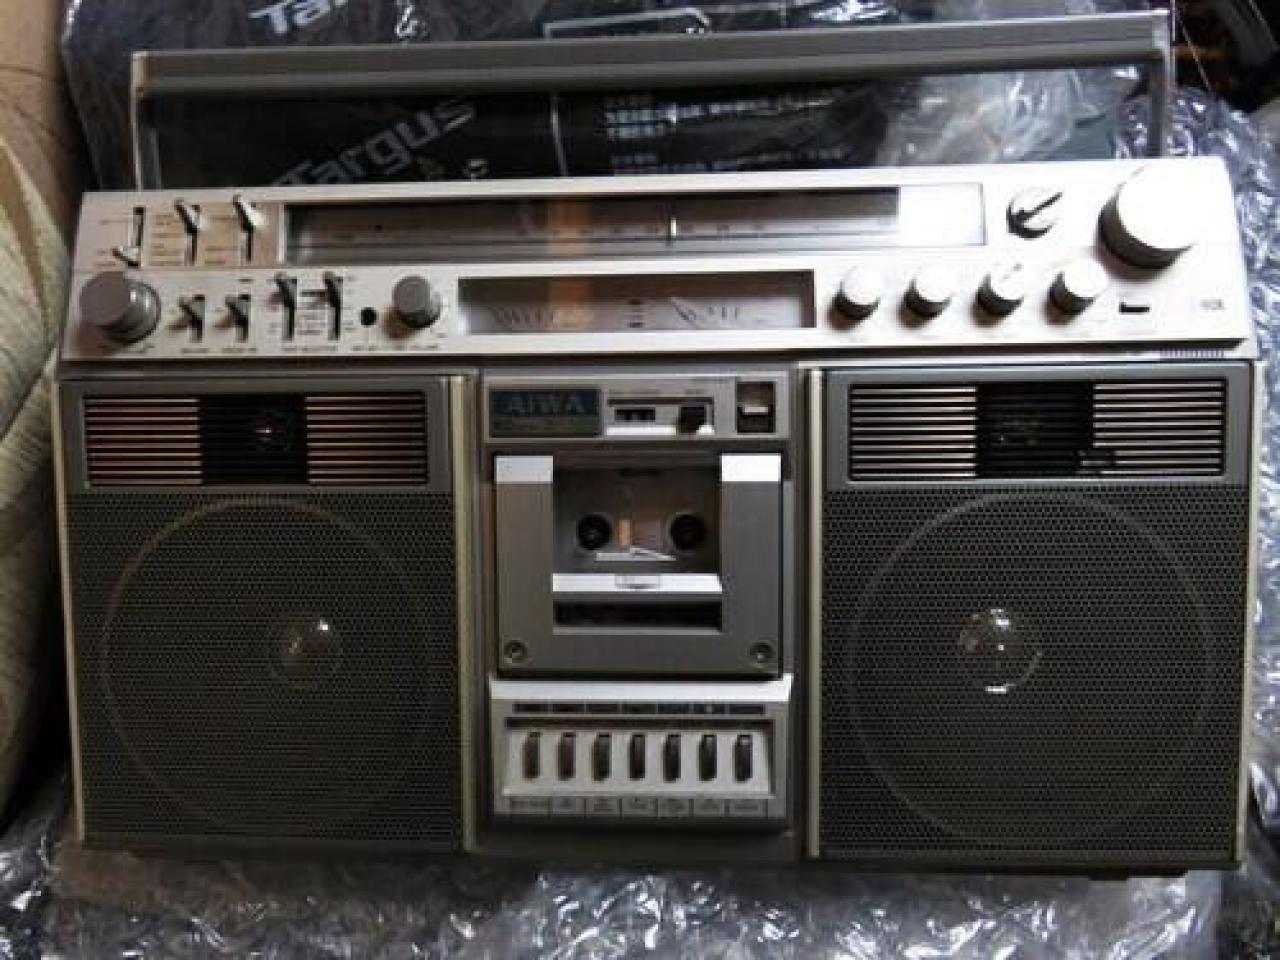 ищу аудио специалиста по ремонту винтжных японских кассетных магнитол - 1